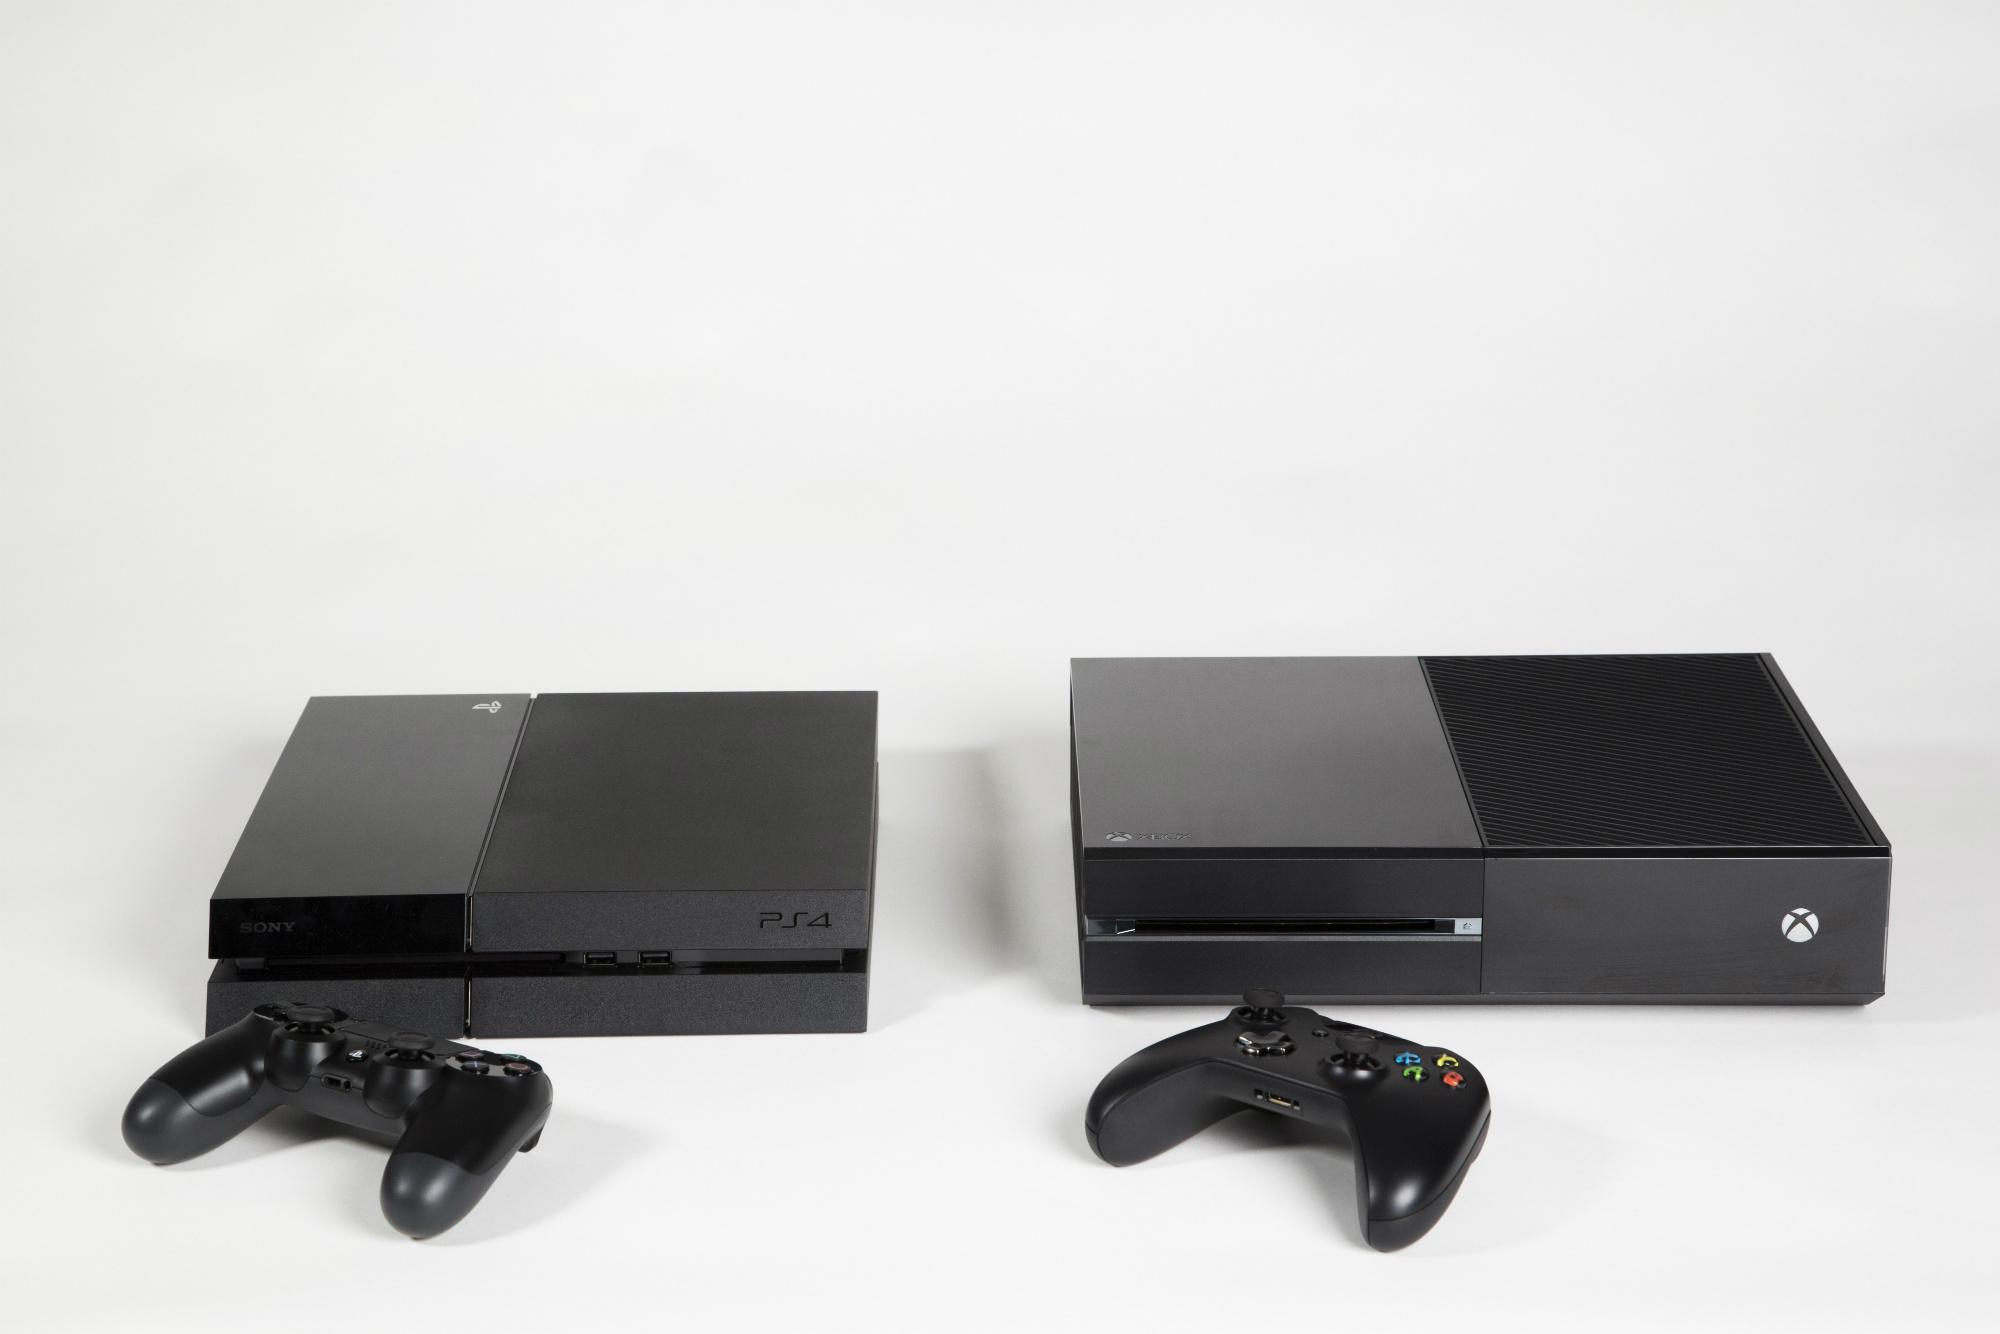 De PS4 en Xbox One naast elkaar